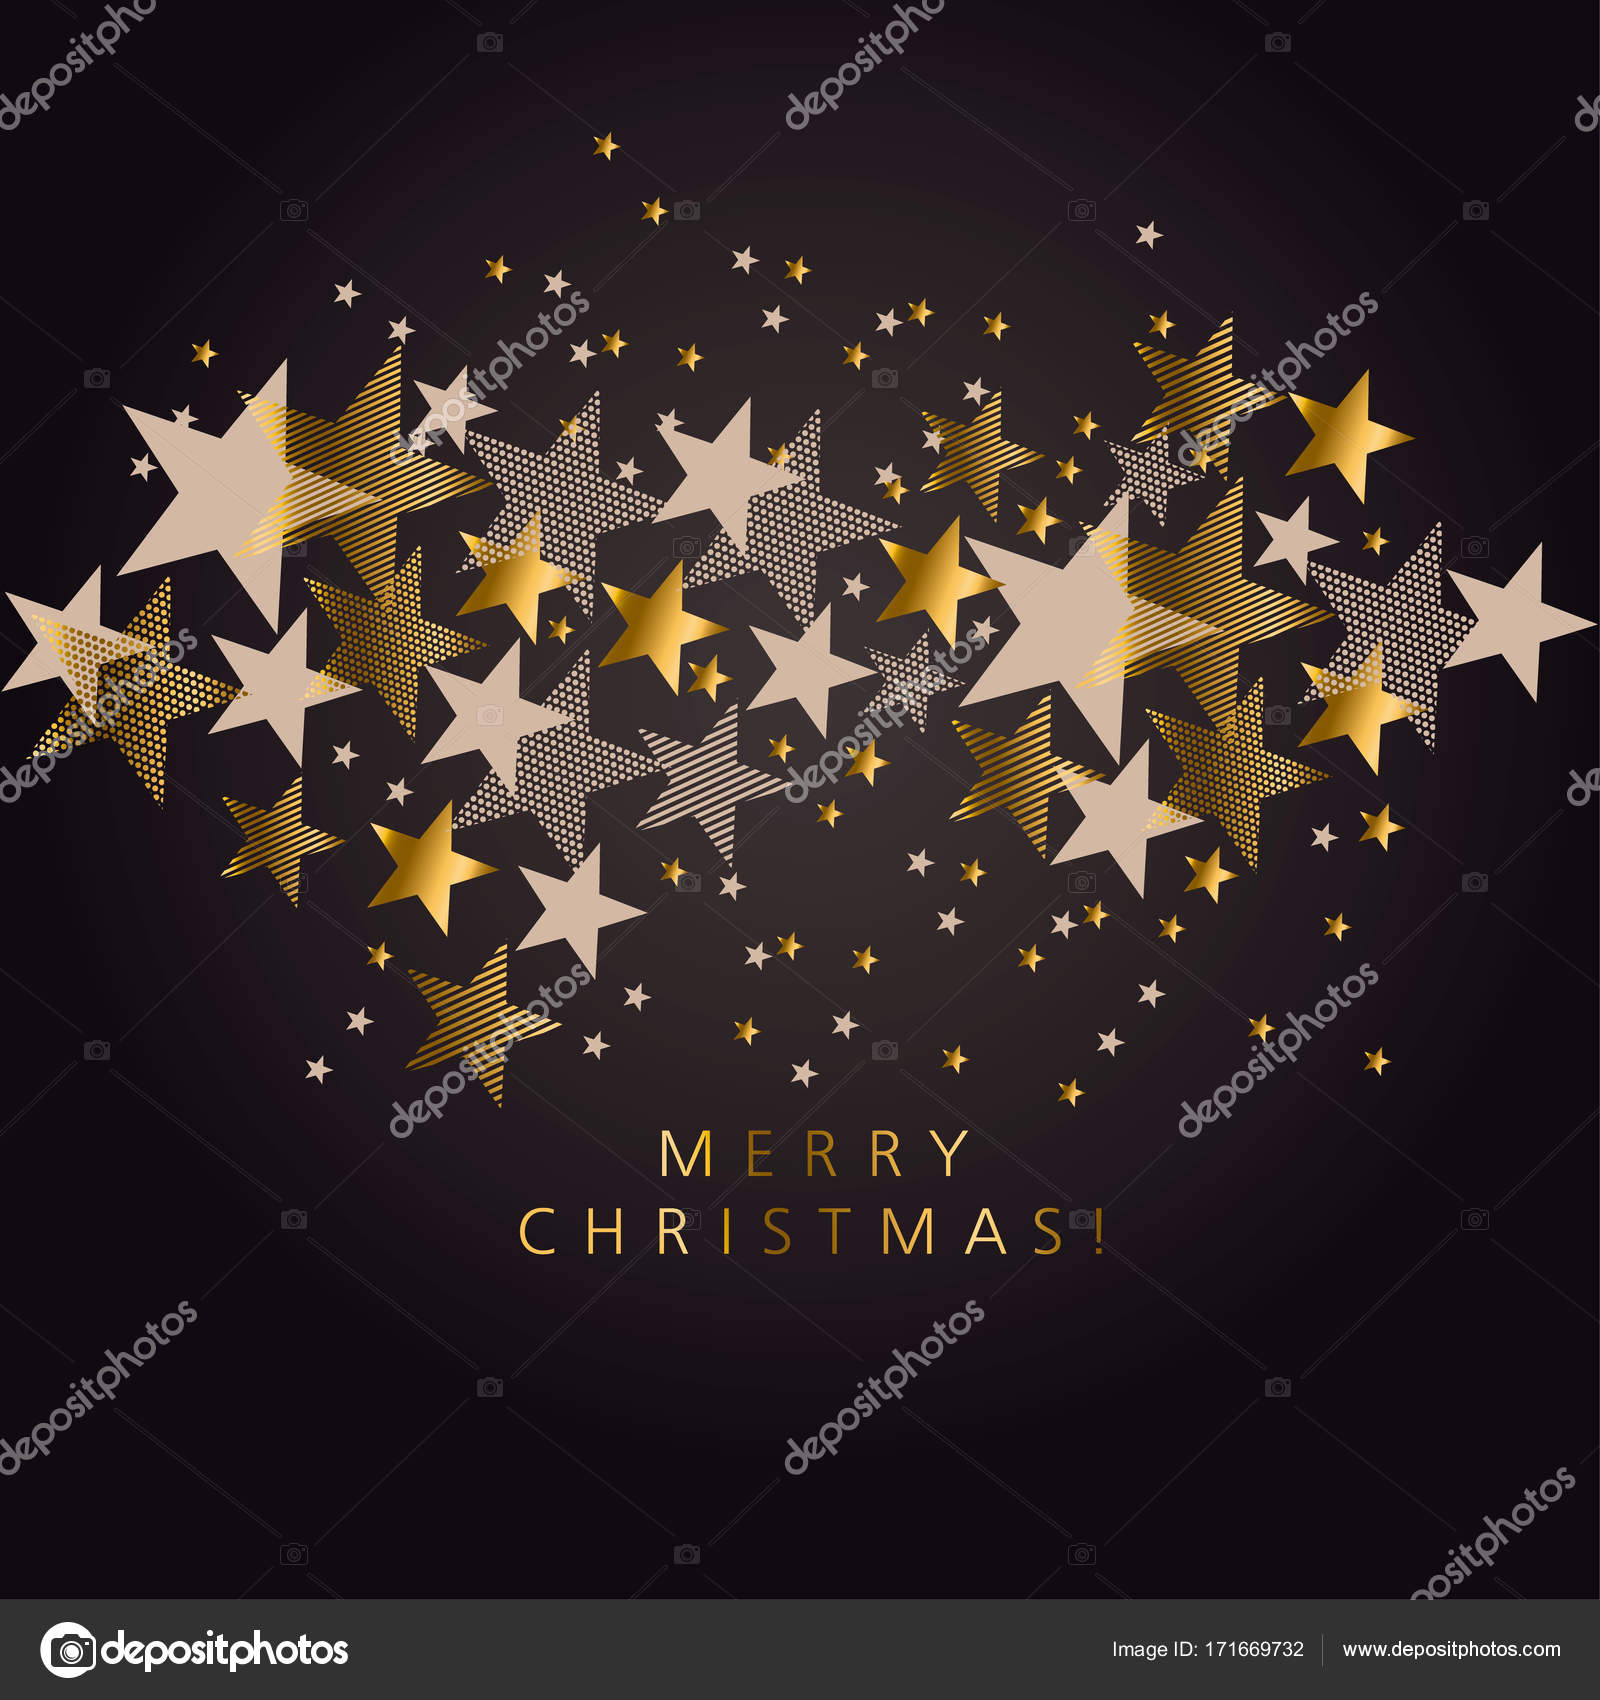 63227034c Lujo negro y dorado Navidad patrón de estrellas. Elegante decoración simple  para el diseño de